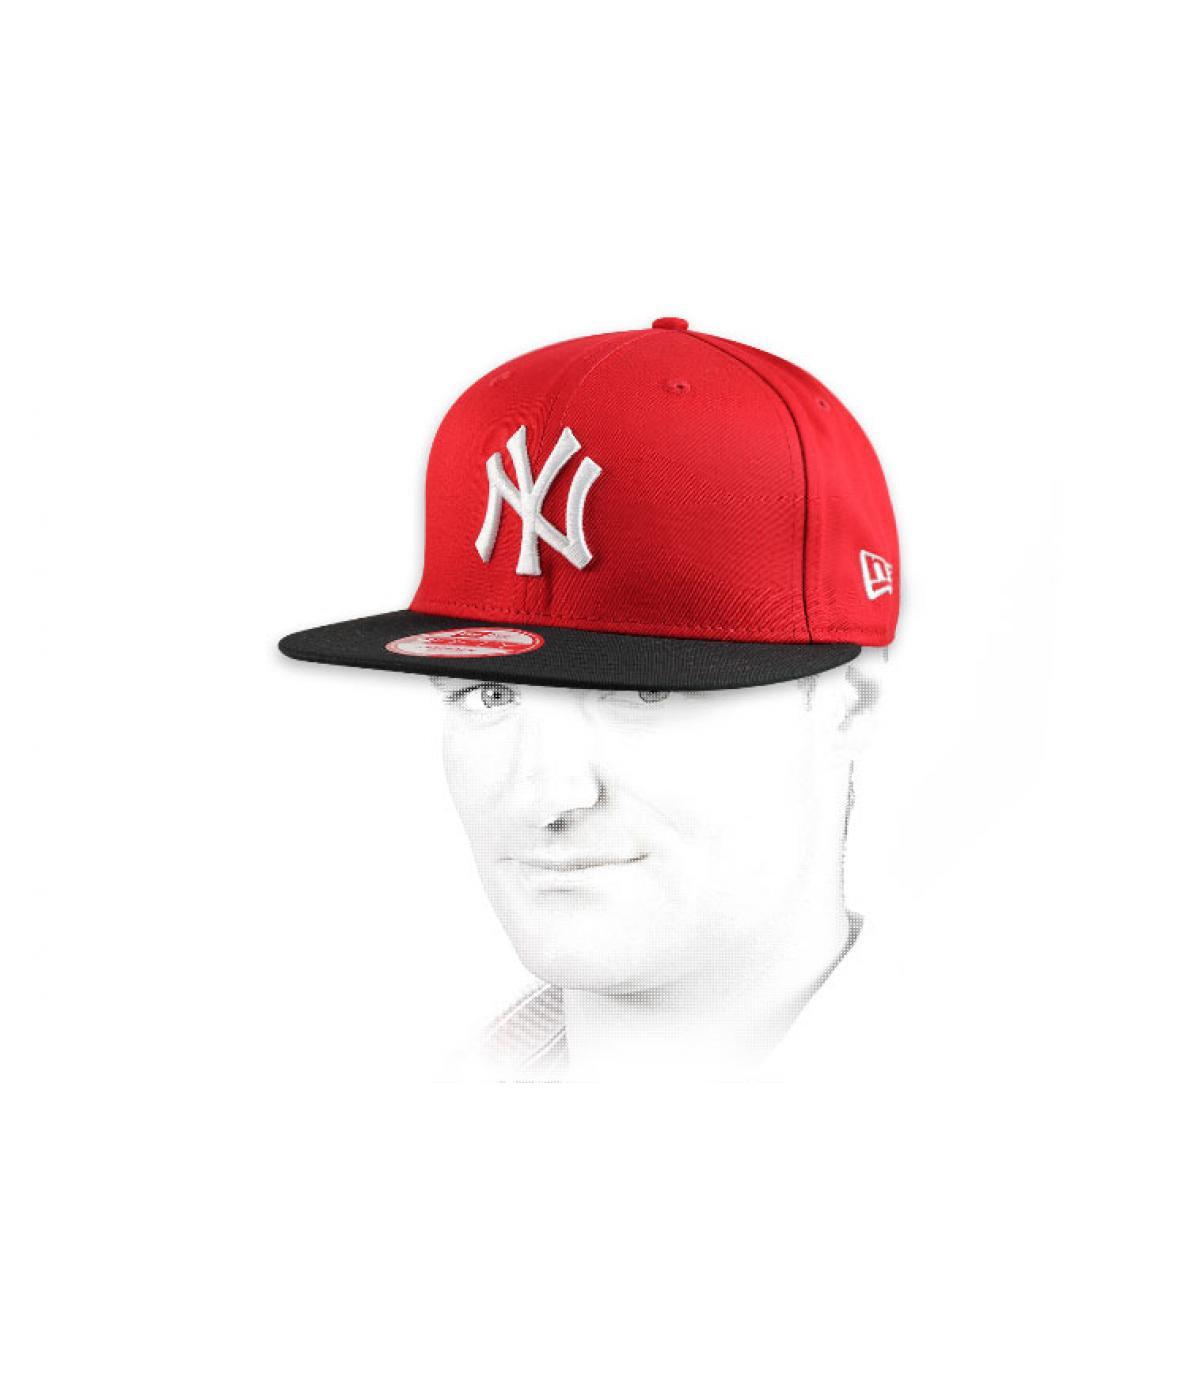 Détails Snapback NY rouge noire - image 5